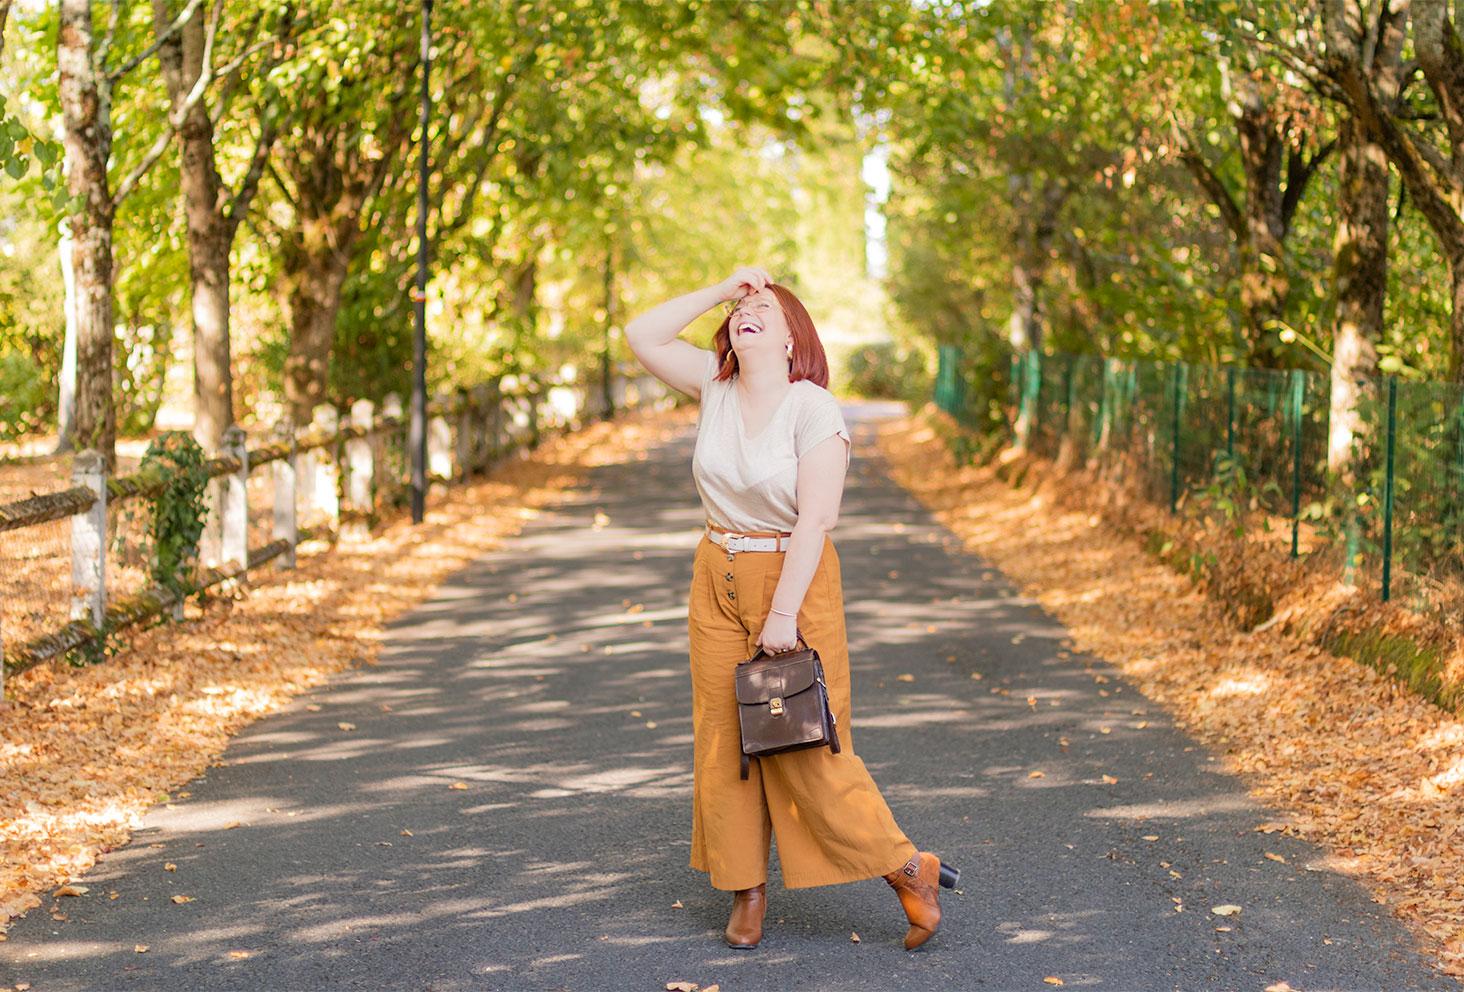 Au milieu d'une rue boisé aux couleurs de l'automne, à Montlouis sur Loire, en pantalon large et t-shirt en lin